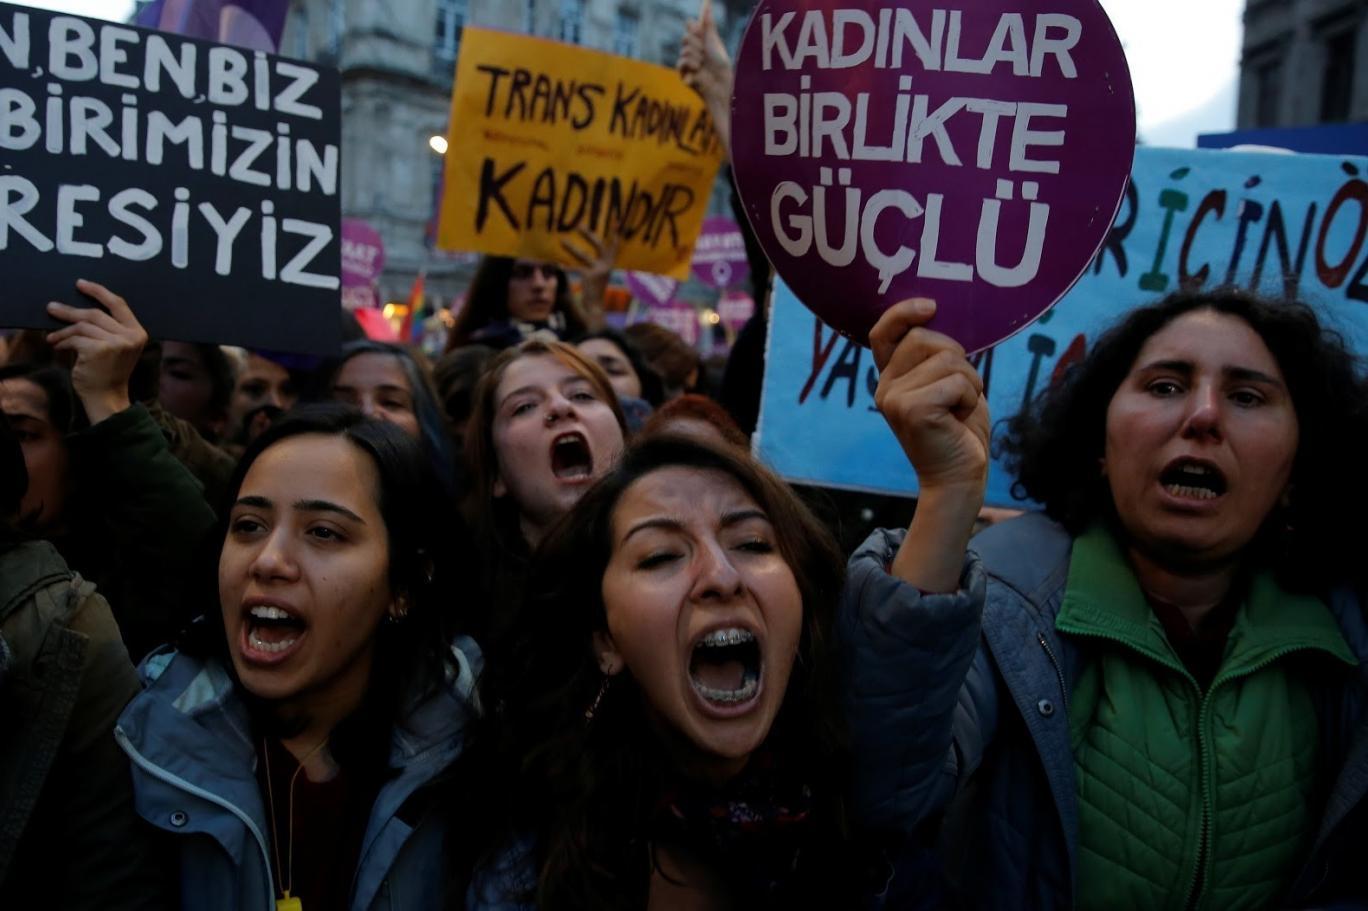 12 soruda İstanbul Sözleşmesi: Sözleşme 'cinsiyetsizleştirilmiş bir toplum' mu istiyor? | Independent Türkçe